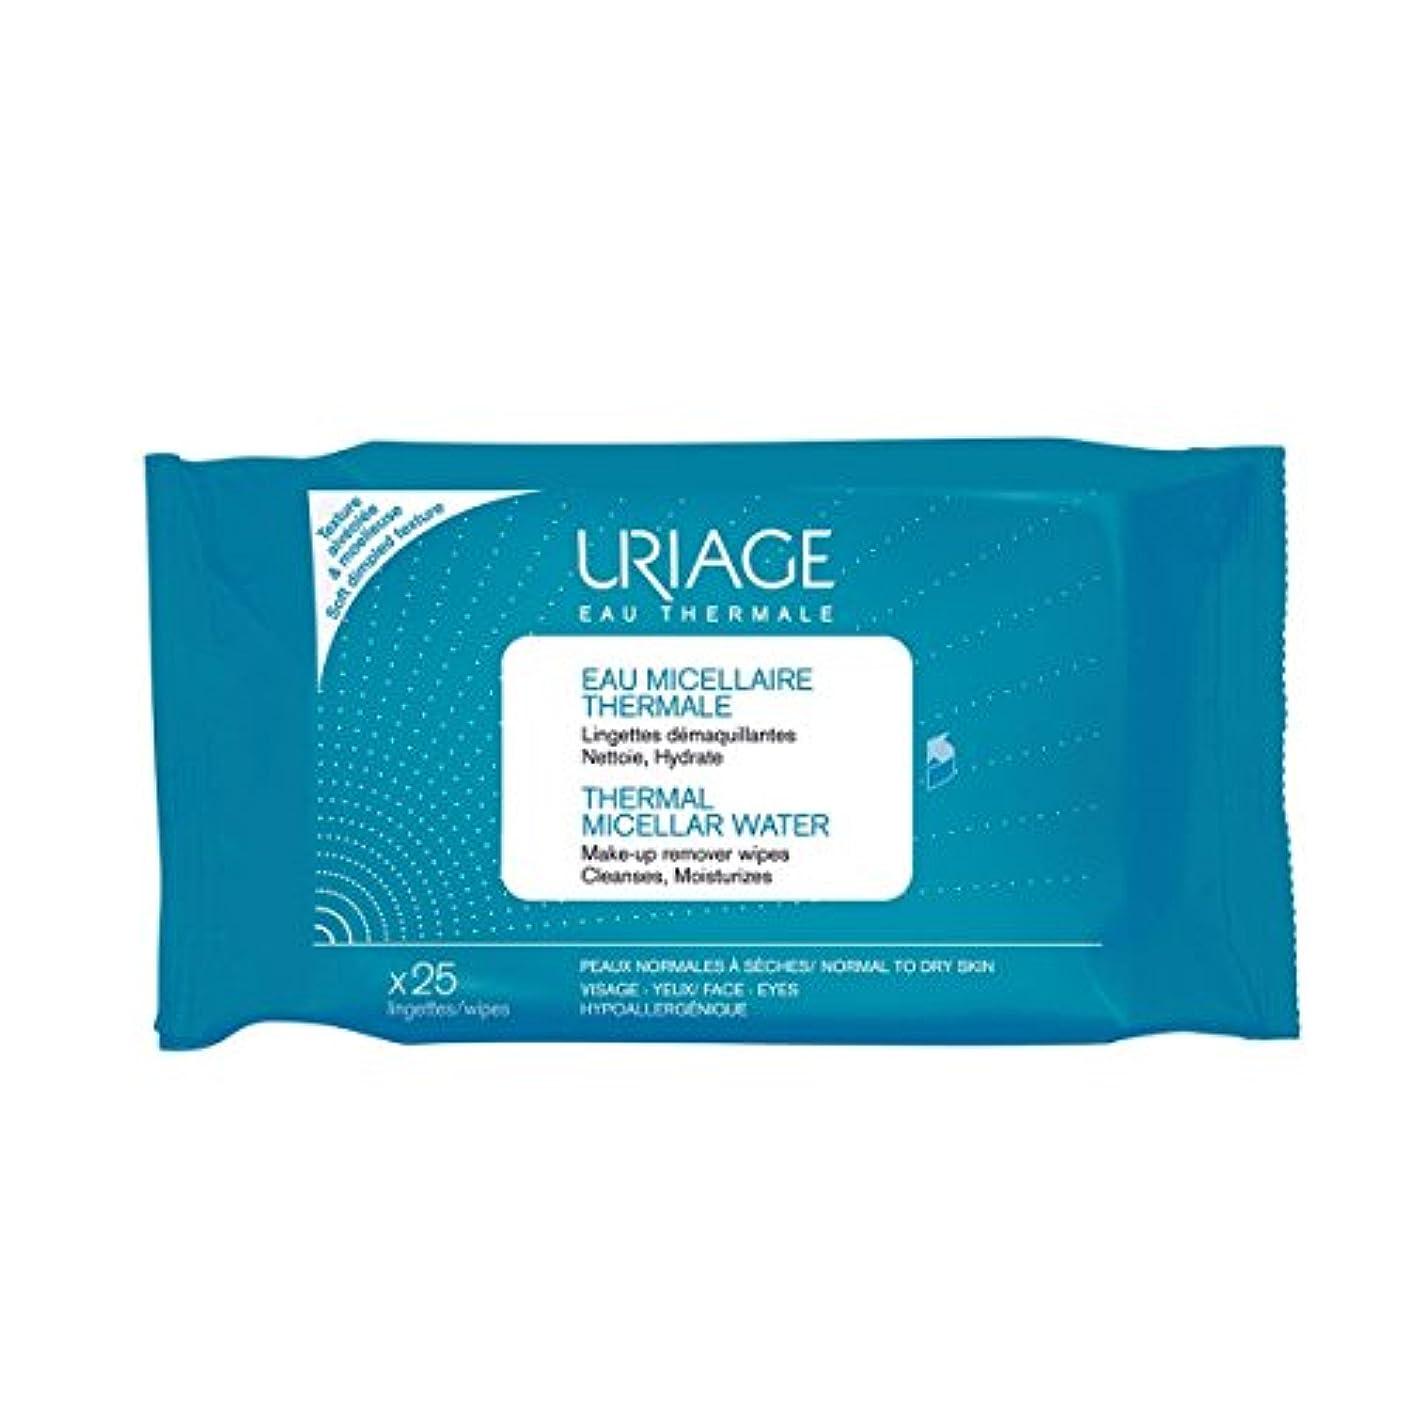 踊り子姿を消す埋めるUriage Thermal Micellar Water Make-up Remover Wipes X25 [並行輸入品]